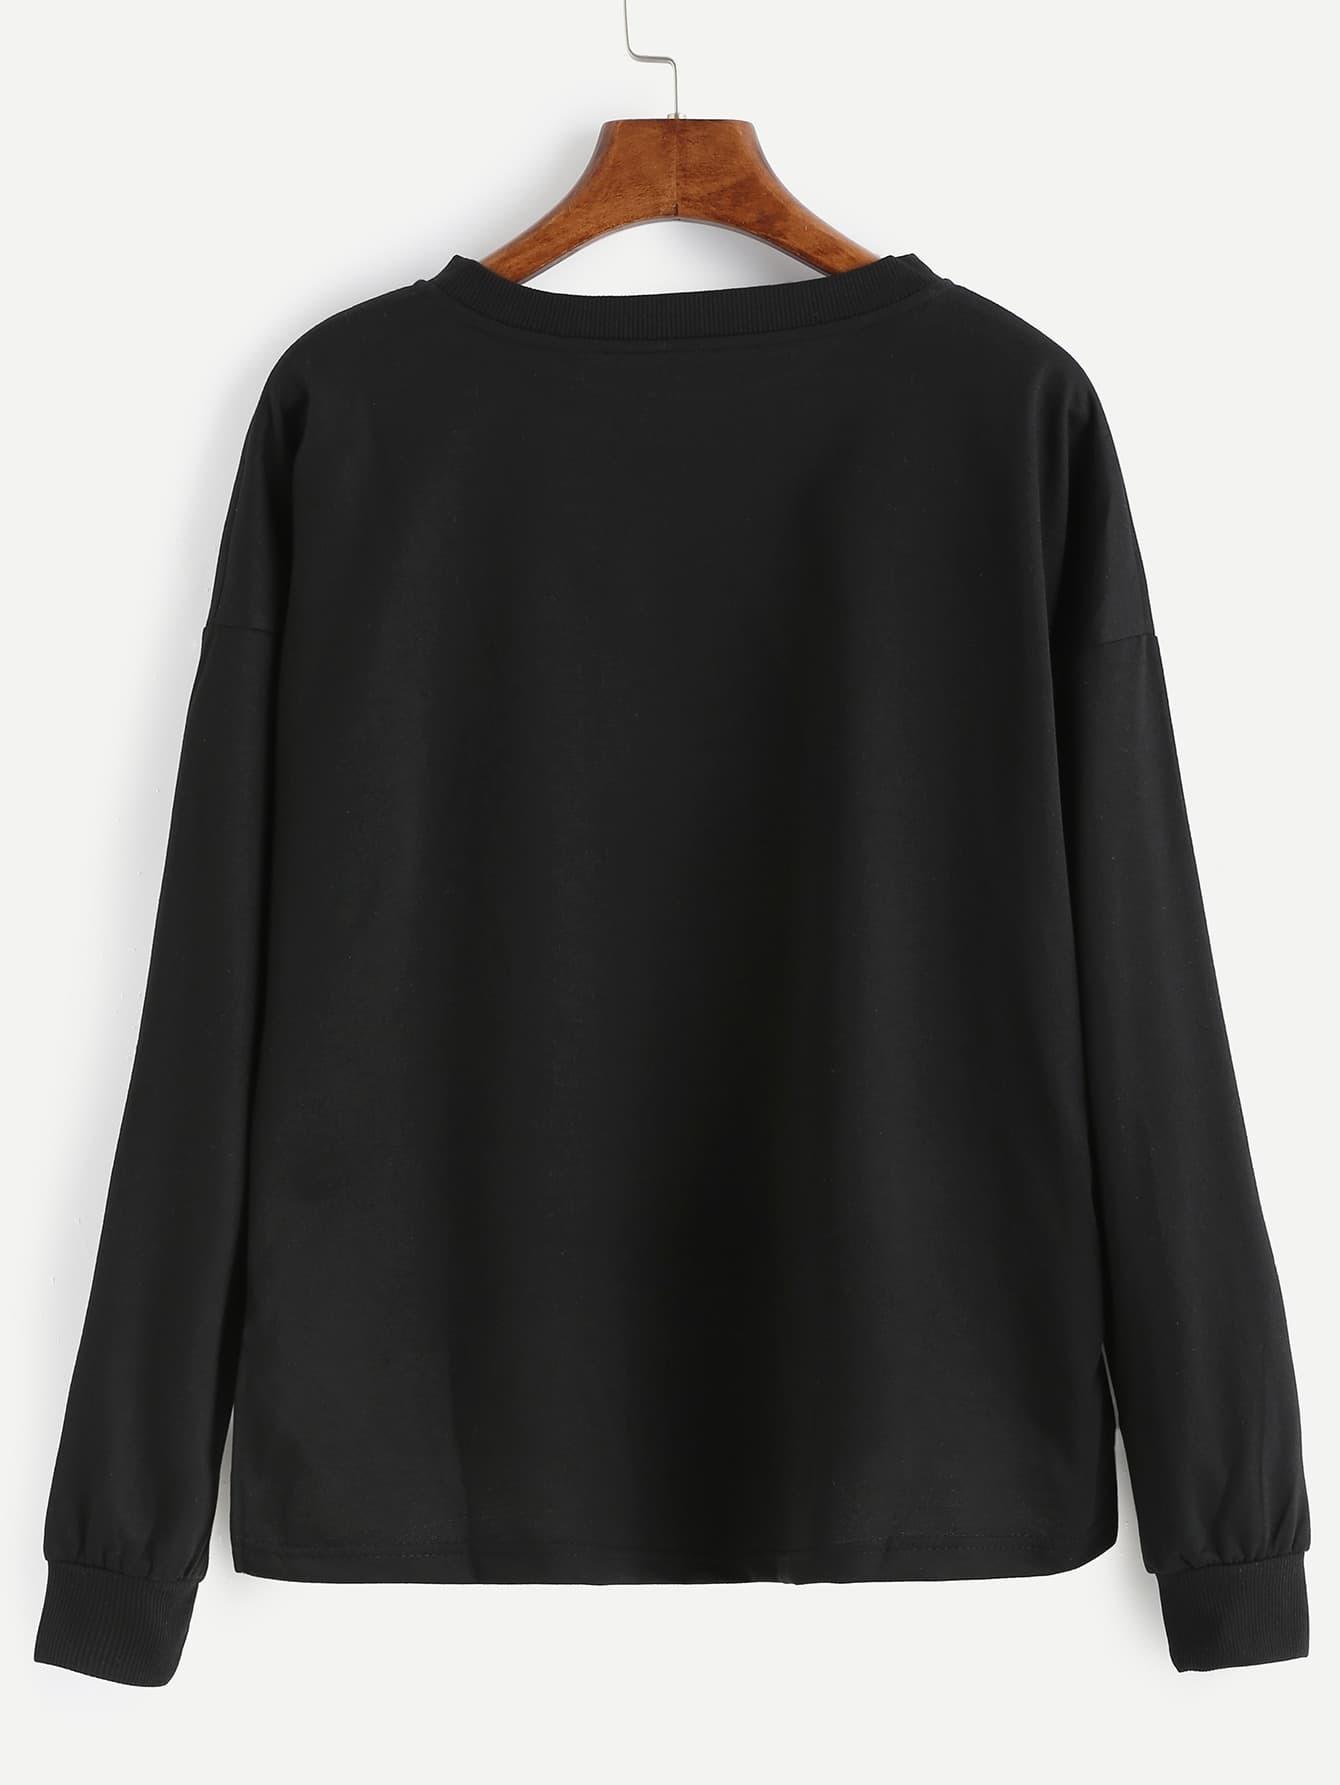 sweatshirt160822122_2